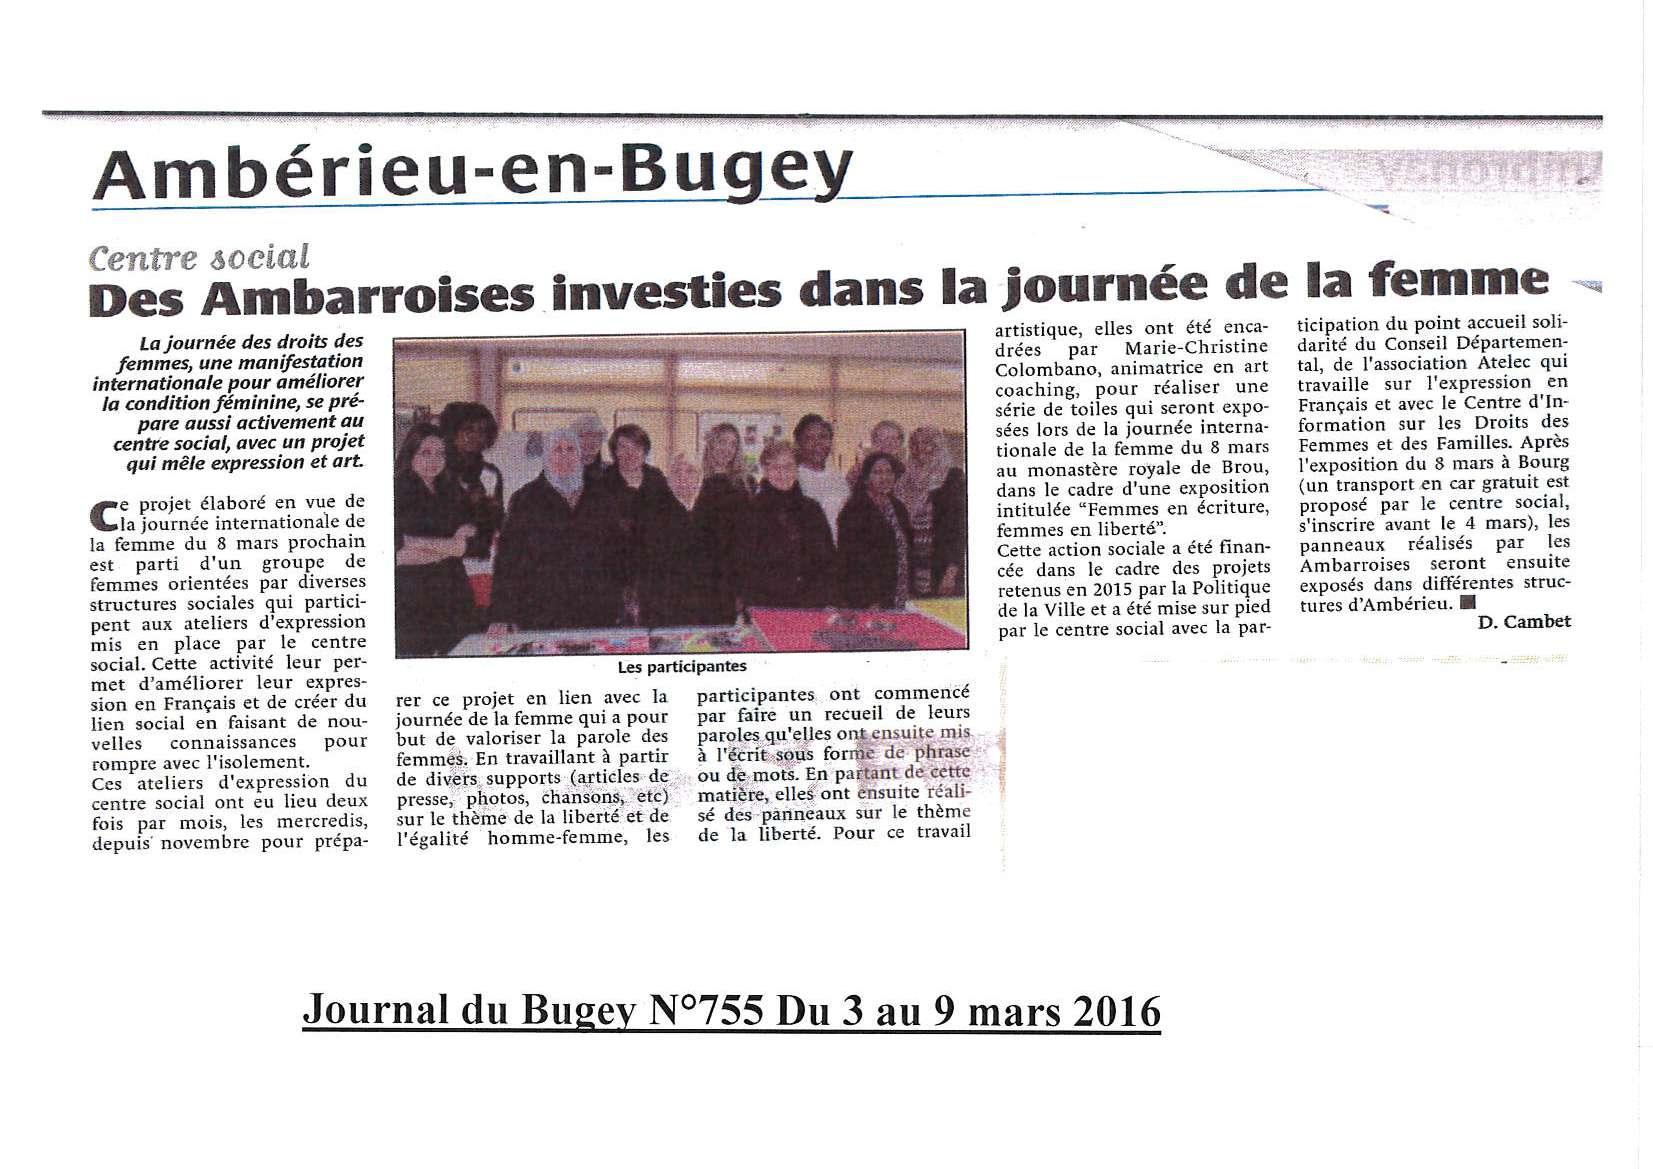 Journée de la femme article du Bugey N 755 du 3 au 9 mars 2016